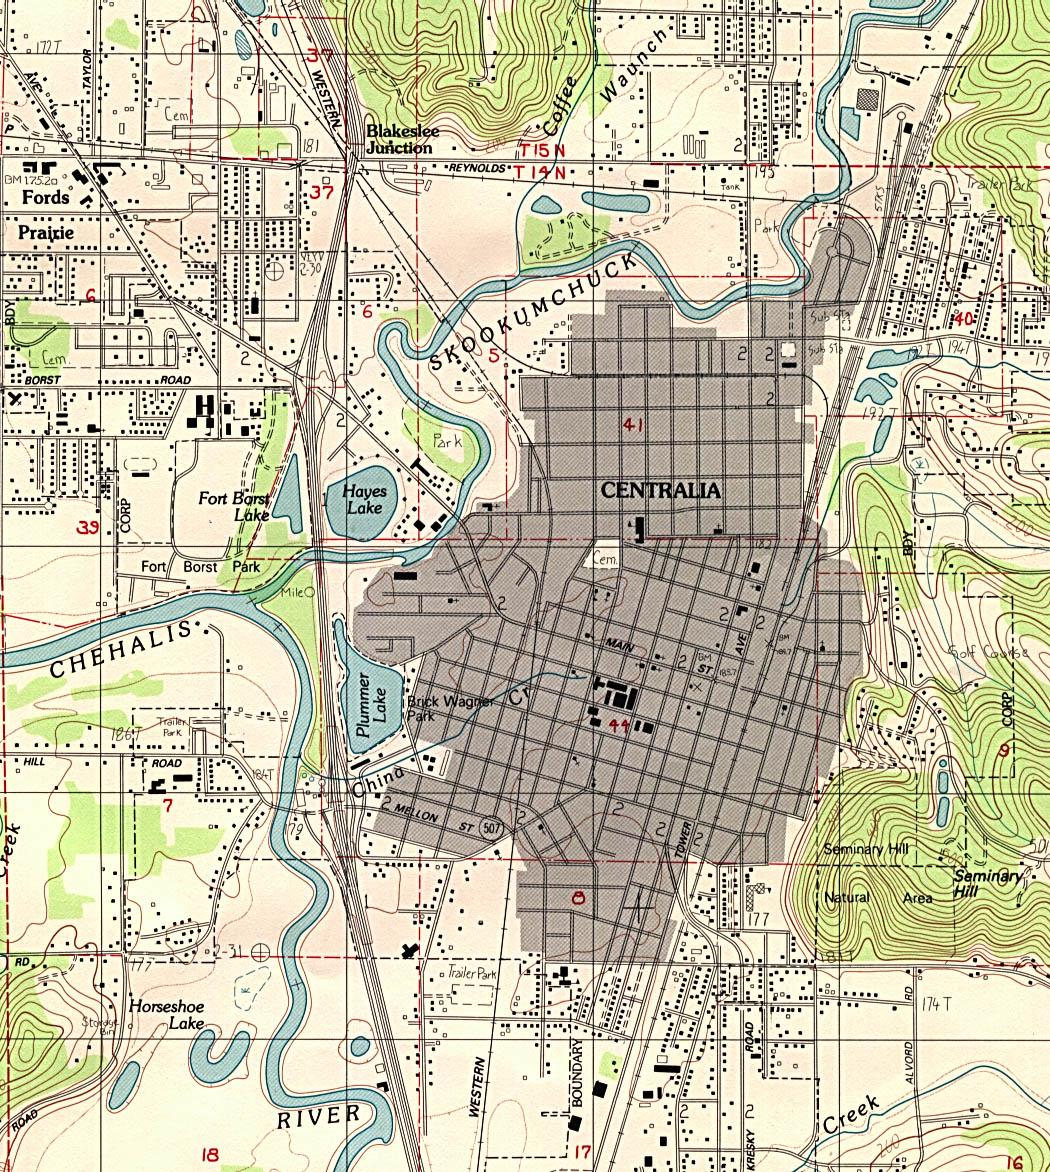 Mapa Topográfico de la Ciudad de Centralia, Washington, Estados Unidos